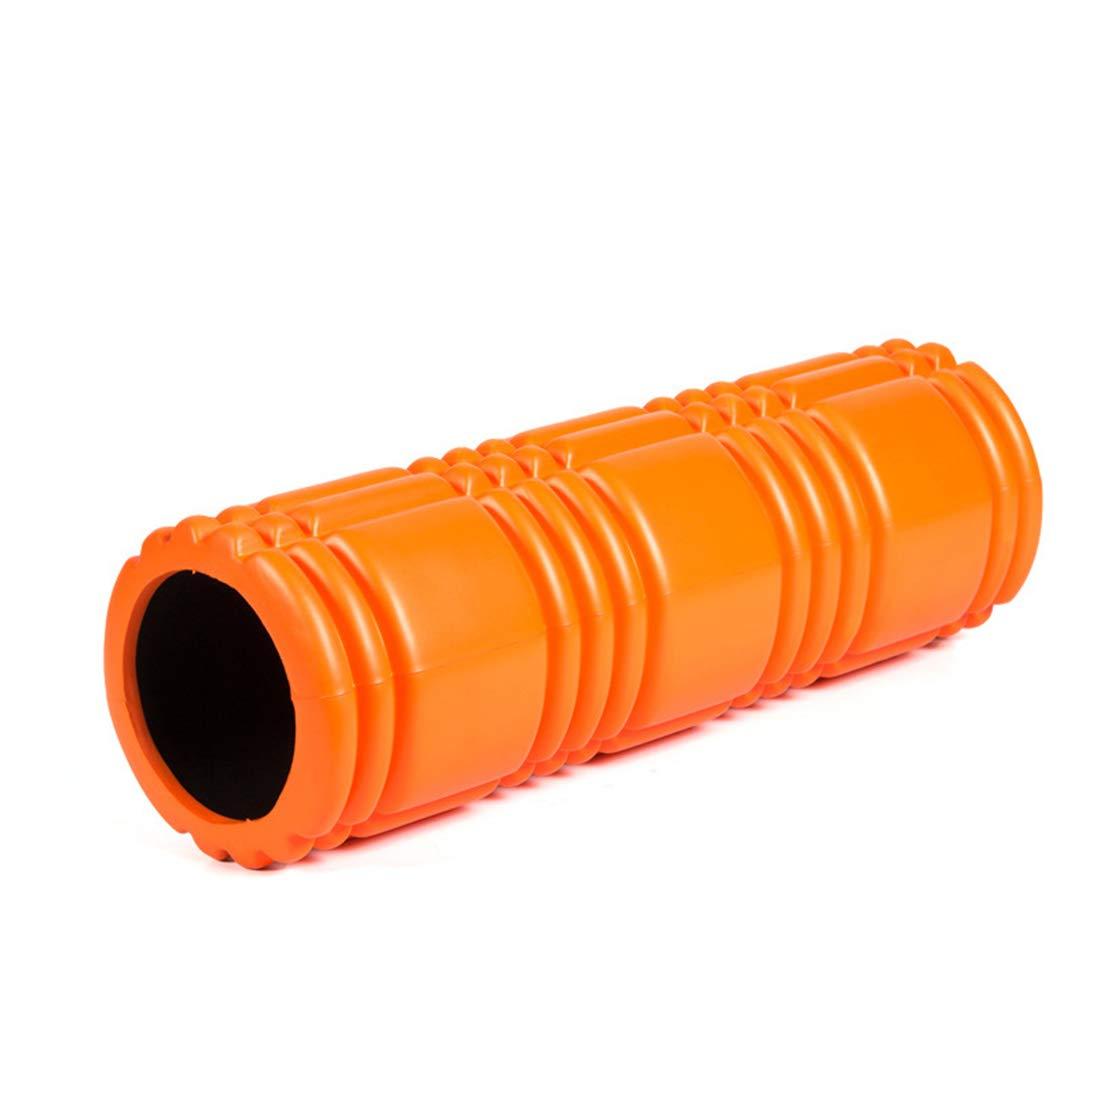 最高の品質 Hikaru (色 Akai ヨガコラム中空リング泡スティック筋肉リラクゼーションローラー泡軸深さマッサージ環境に優しいエヴァヨガ (色 : 黒) 黒) B07RF4MZ67 オレンジ Hikaru オレンジ, 靴下工房まほれぐ:889a7e6e --- arianechie.dominiotemporario.com